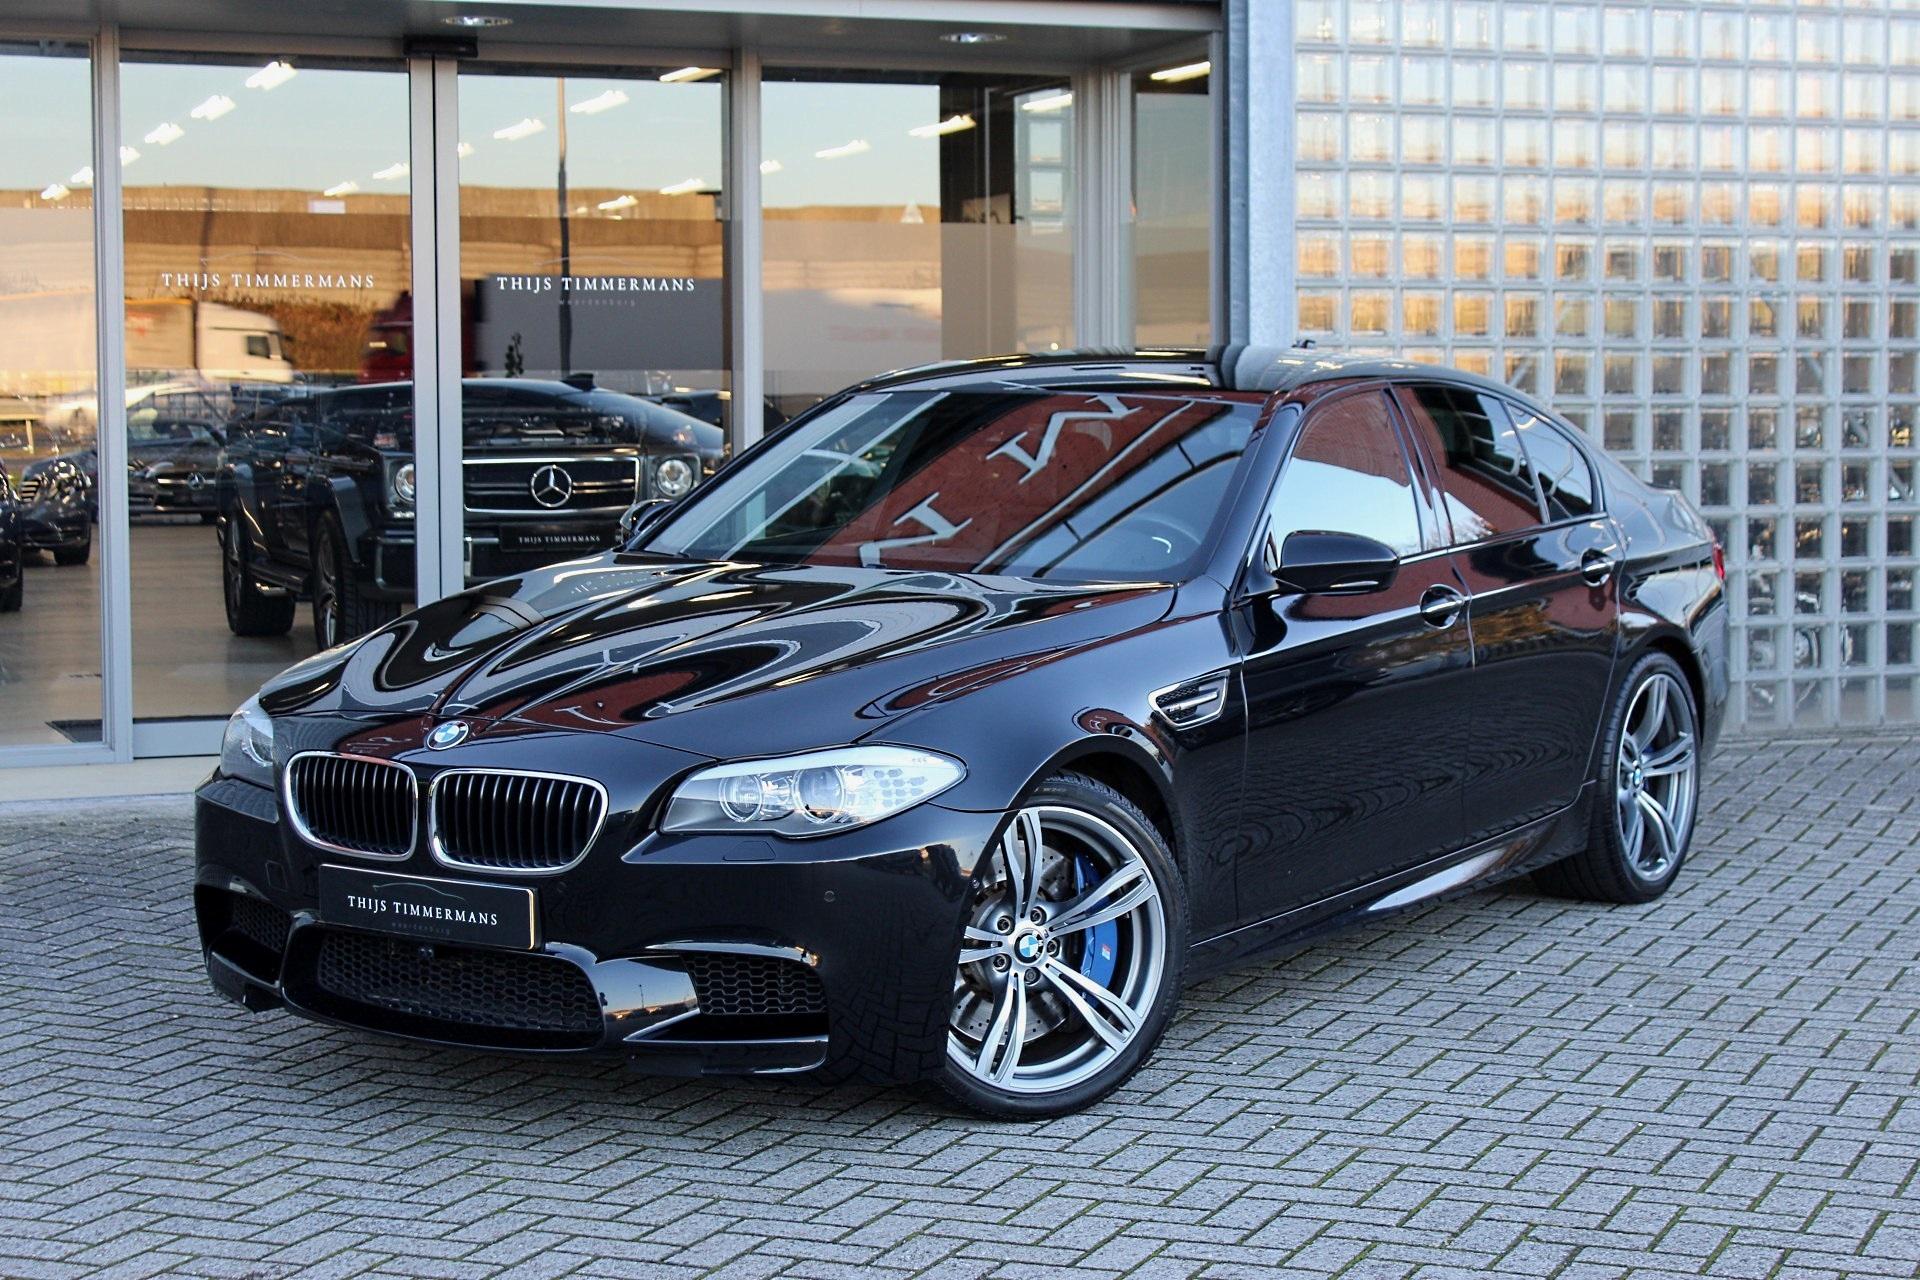 BMW M5 - thijs timmermans